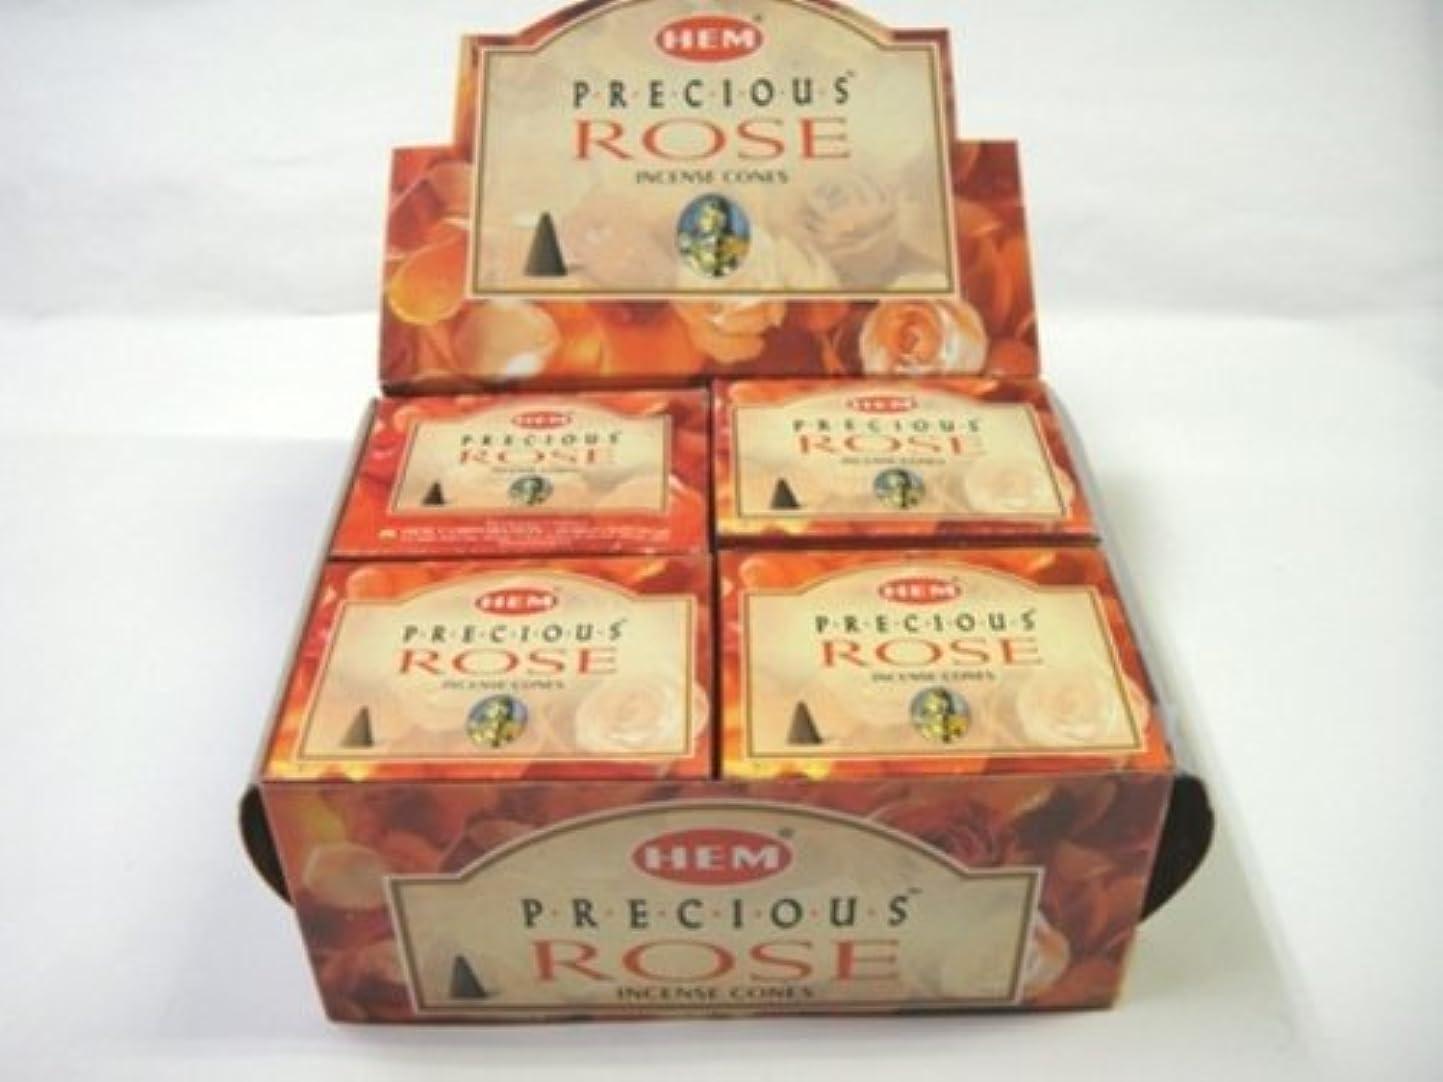 事前に地球理解するHEM お香 プレシャスローズ コーンタイプ 1ケース(12箱入り) お香薔薇